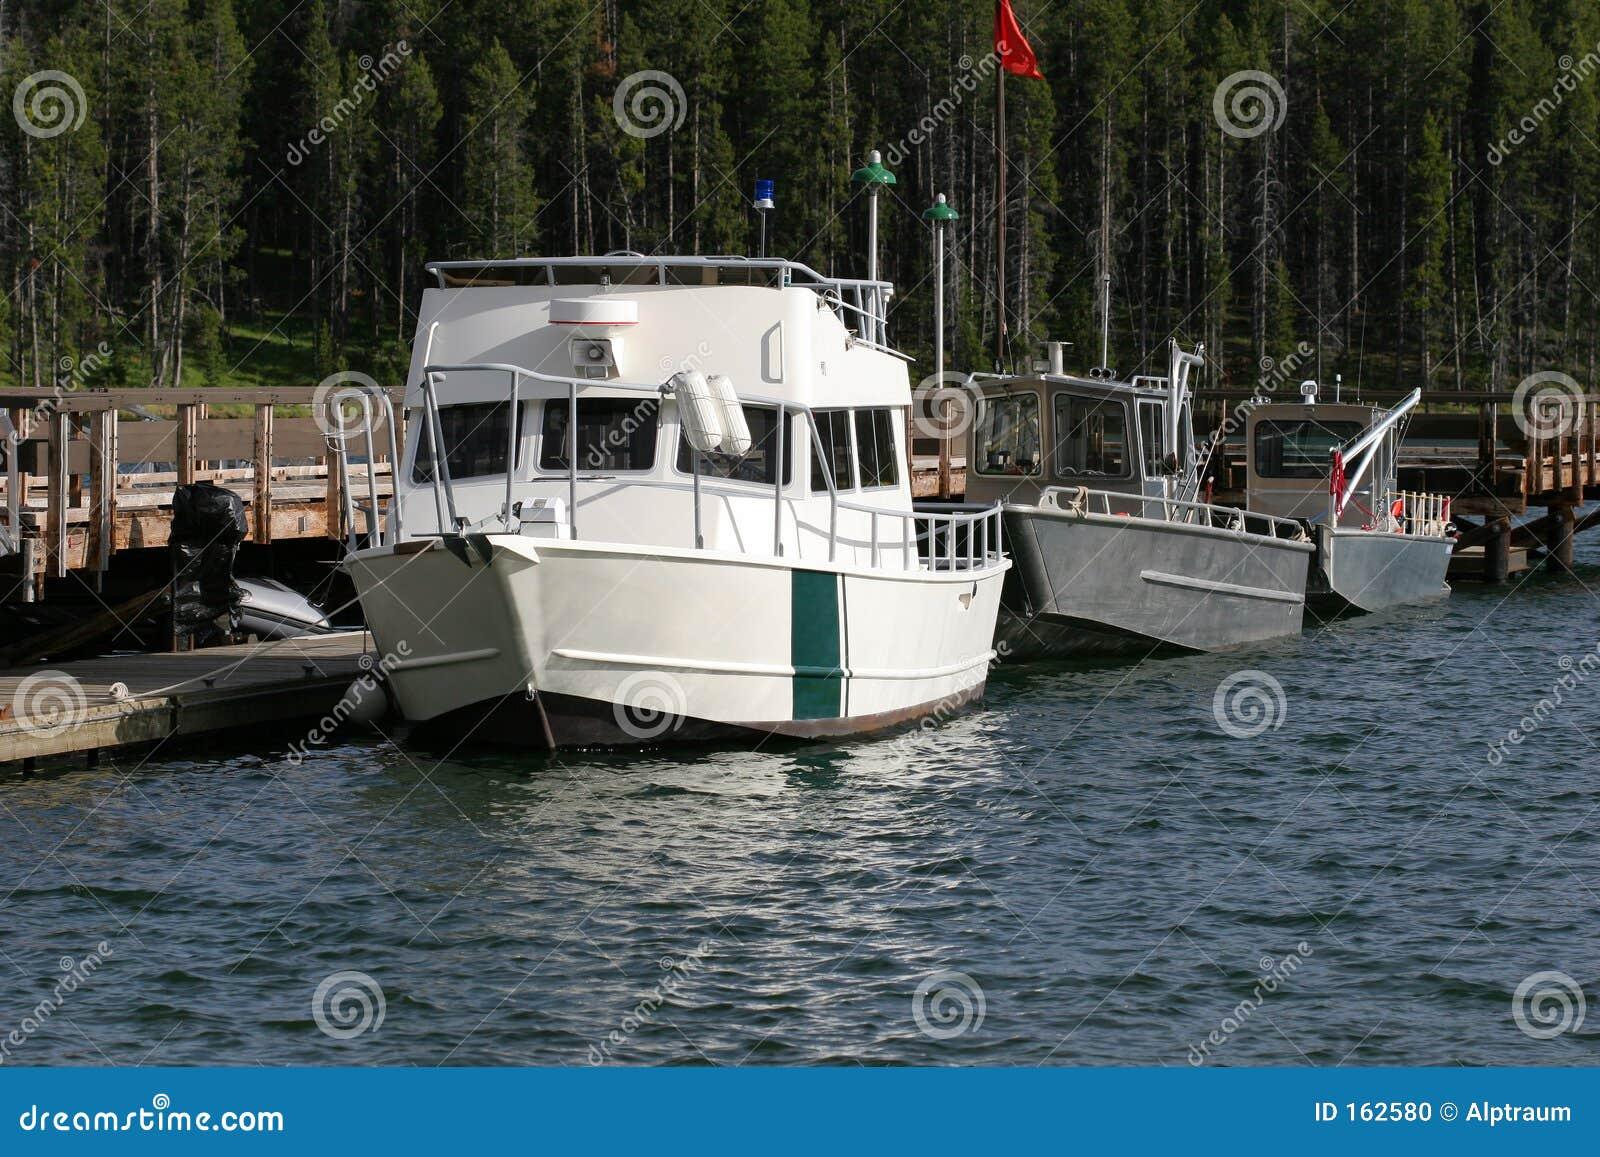 Docked motor boats